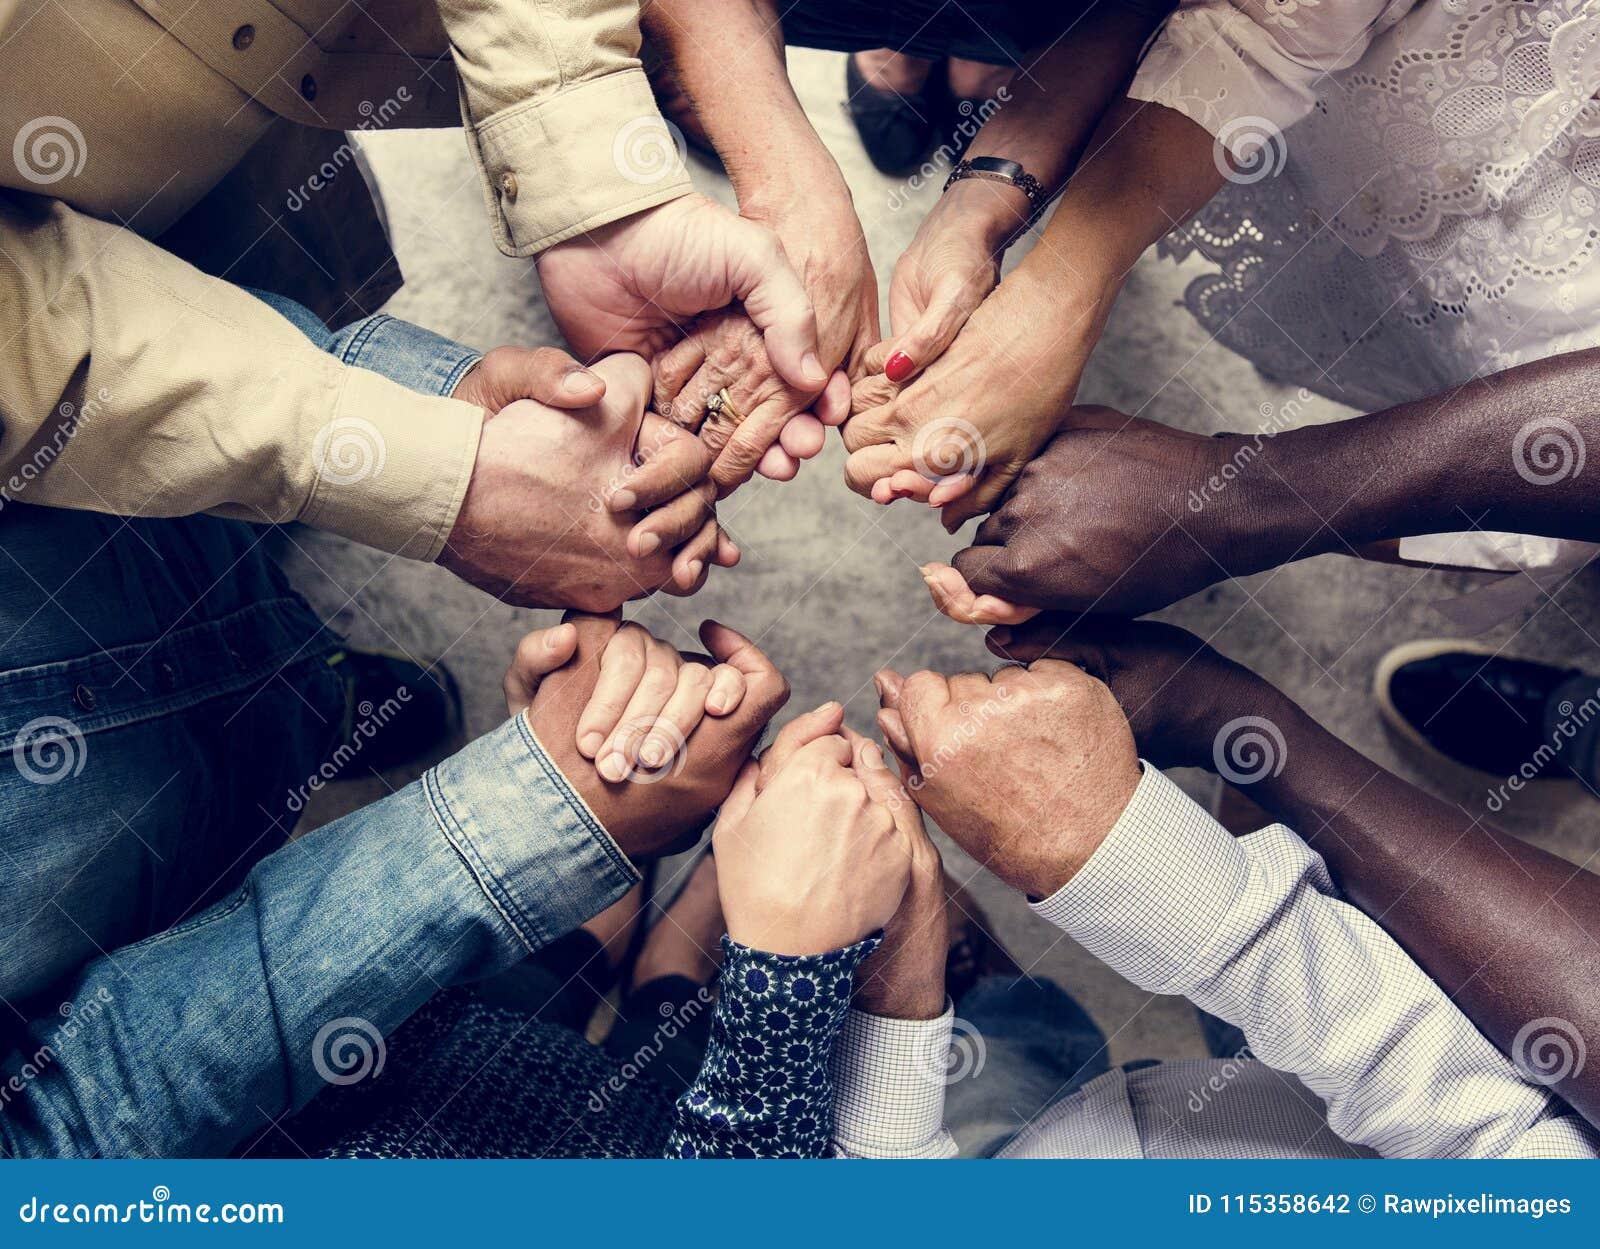 结合的小组不同的手支持一体配合鸟瞰图